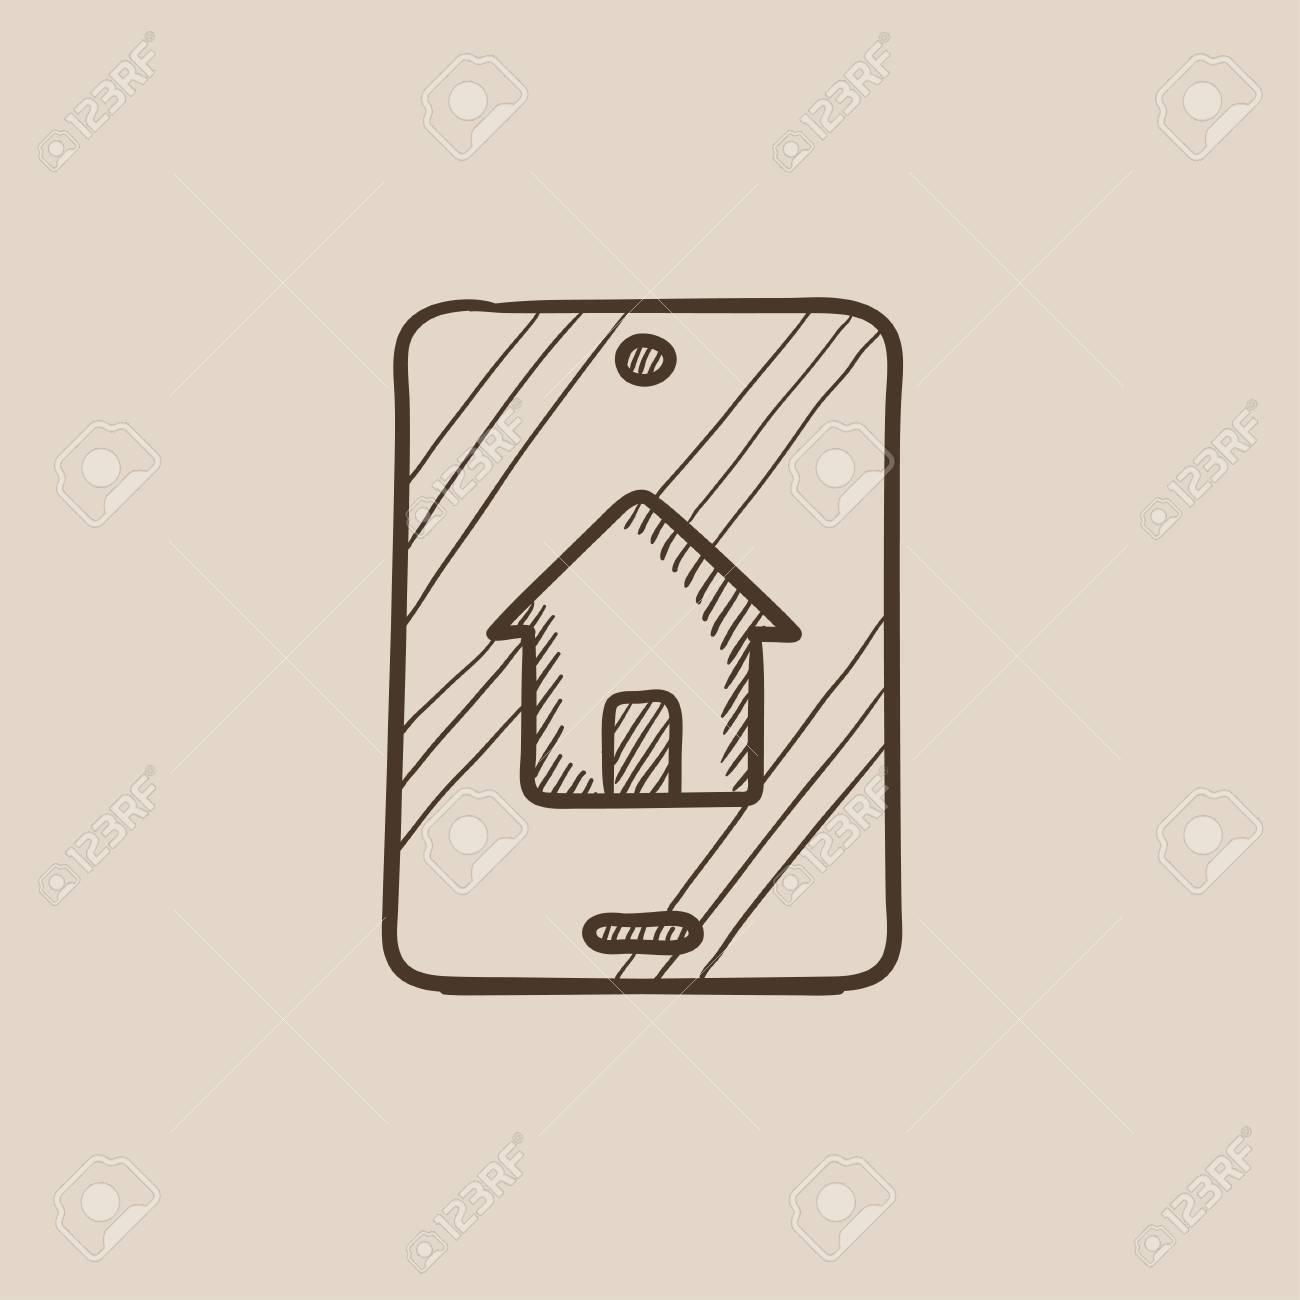 Ricerca Per Immagini Mobile ricerca di proprietà sull'icona di schizzo del dispositivo mobile per web,  mobile e infografica. icona isolata di vettore disegnato a mano.